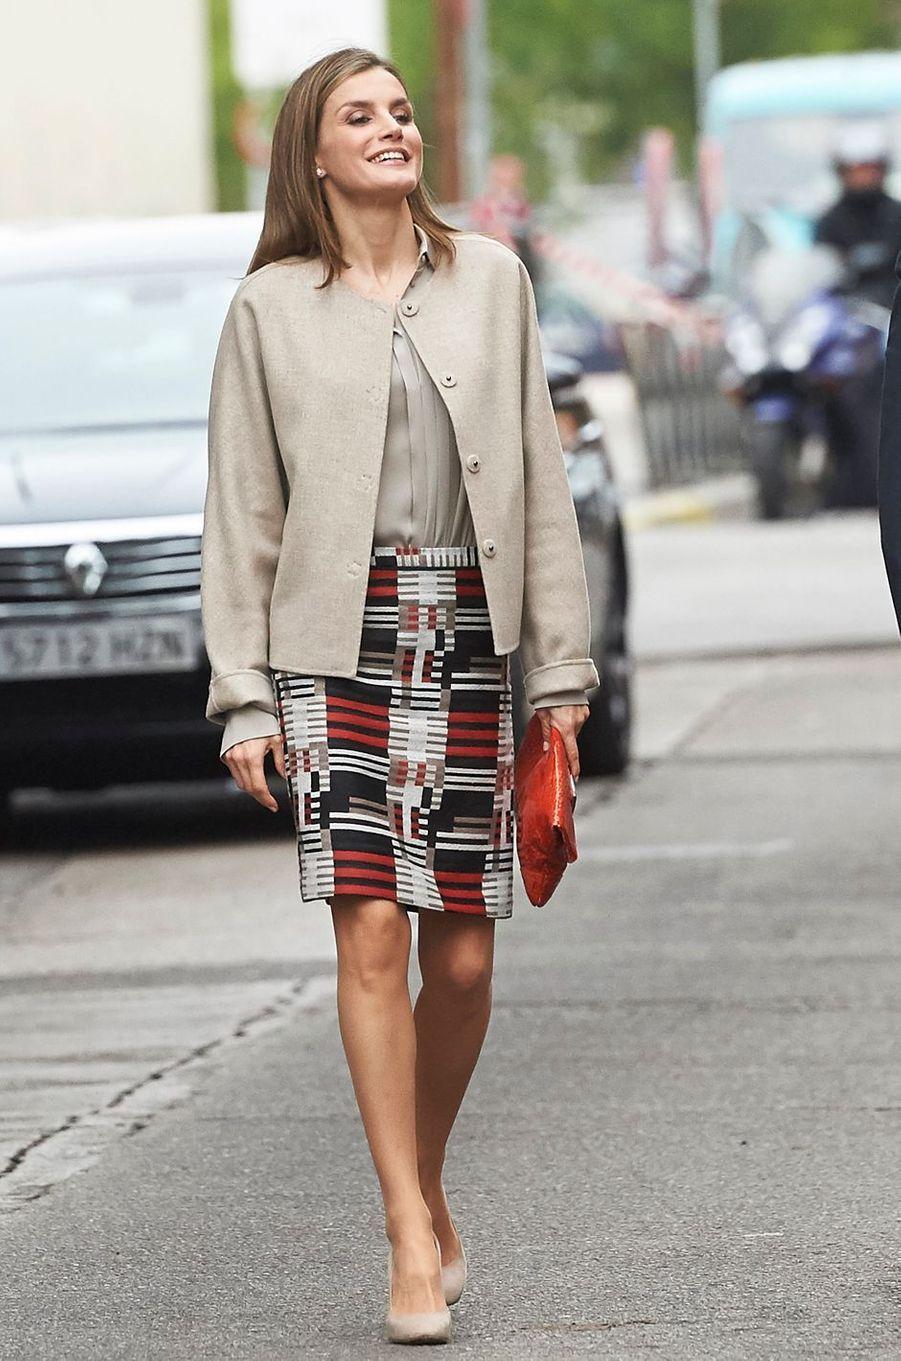 La reine Letizia d'Espagne dans une jupe Hugo Boss le 18 octobre 2016